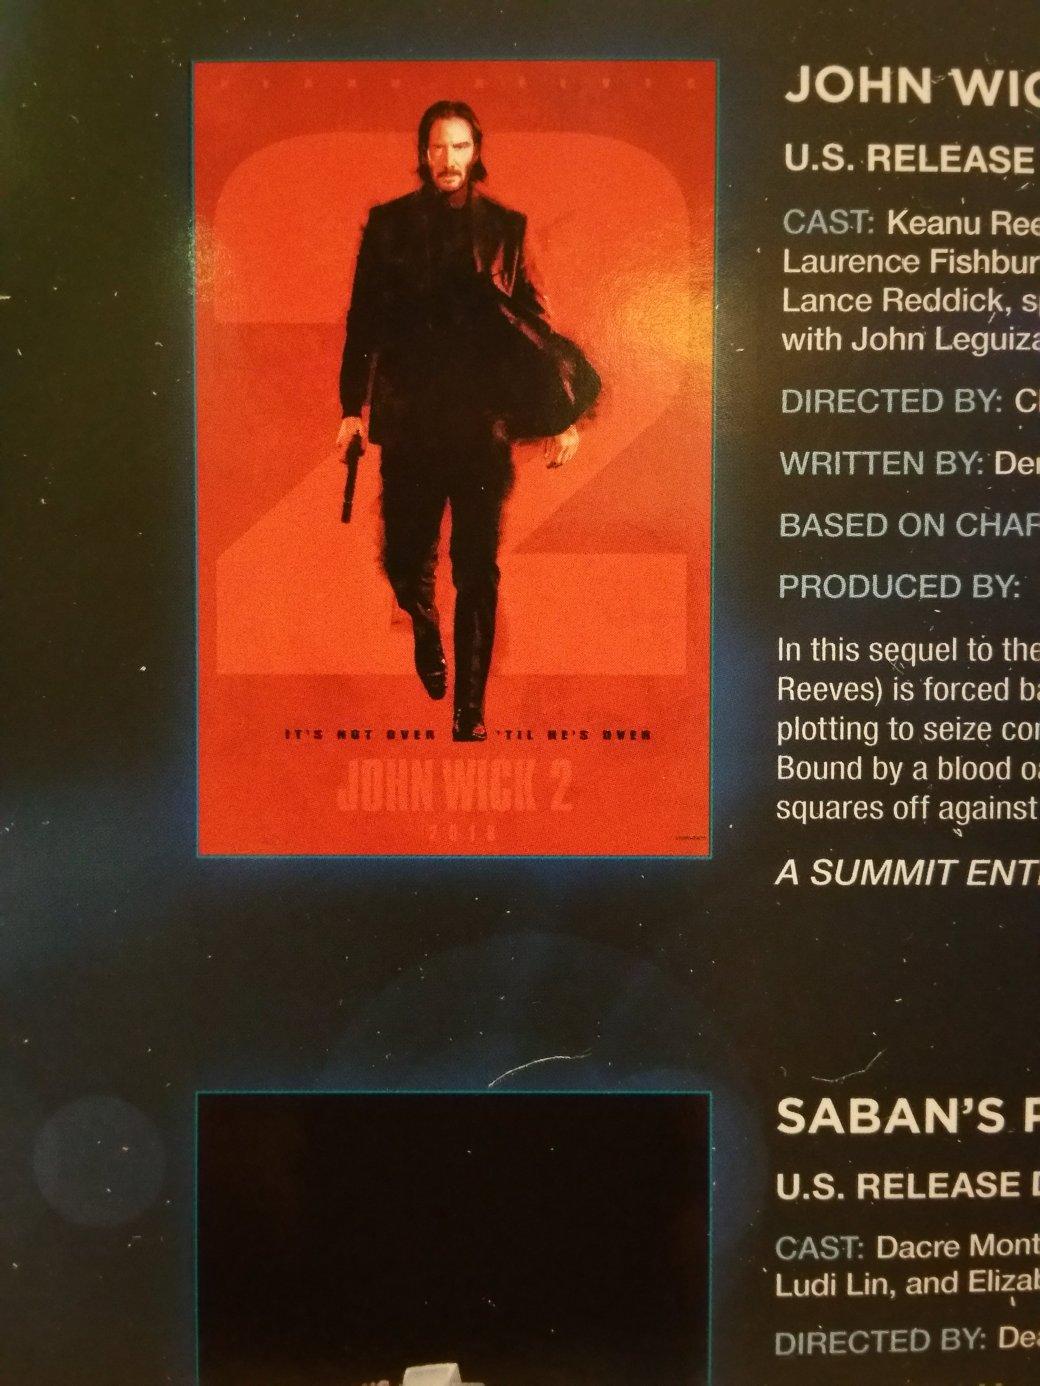 Первые отзывы на «Джона Уика 2» обещают 12 трупов за 2 минуты фильма - Изображение 2